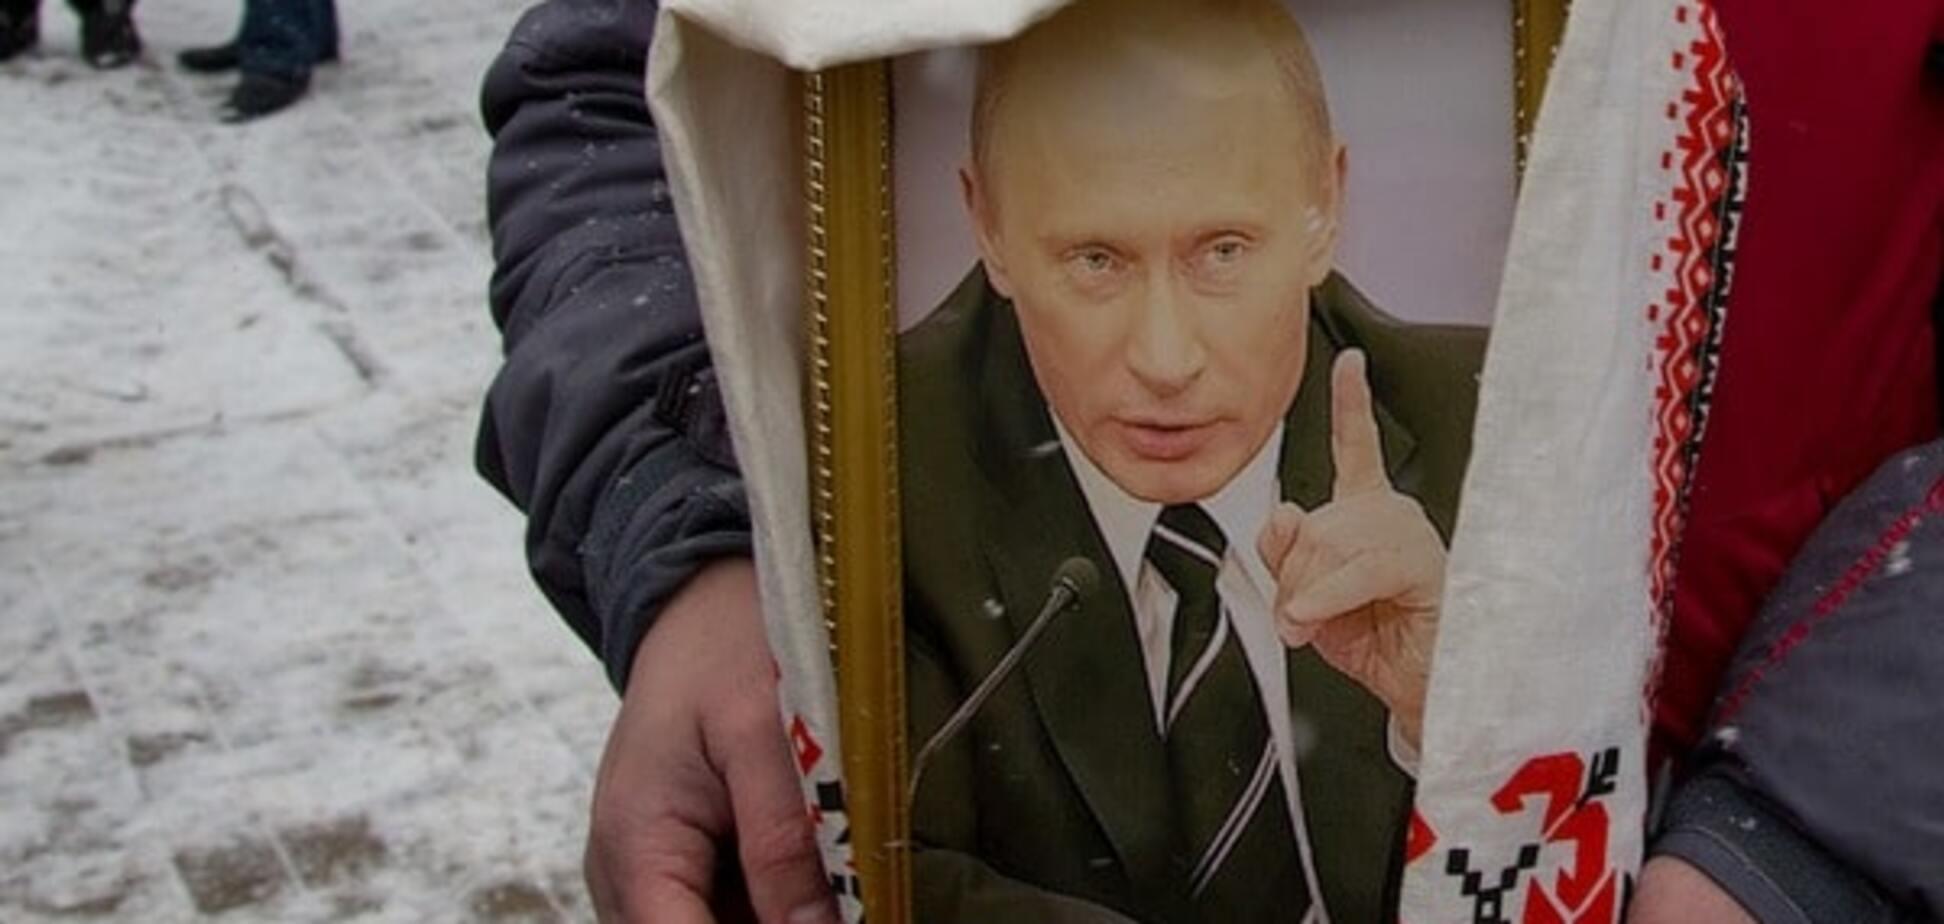 Ведущий Первого канала: Путина хотят канонизировать при жизни